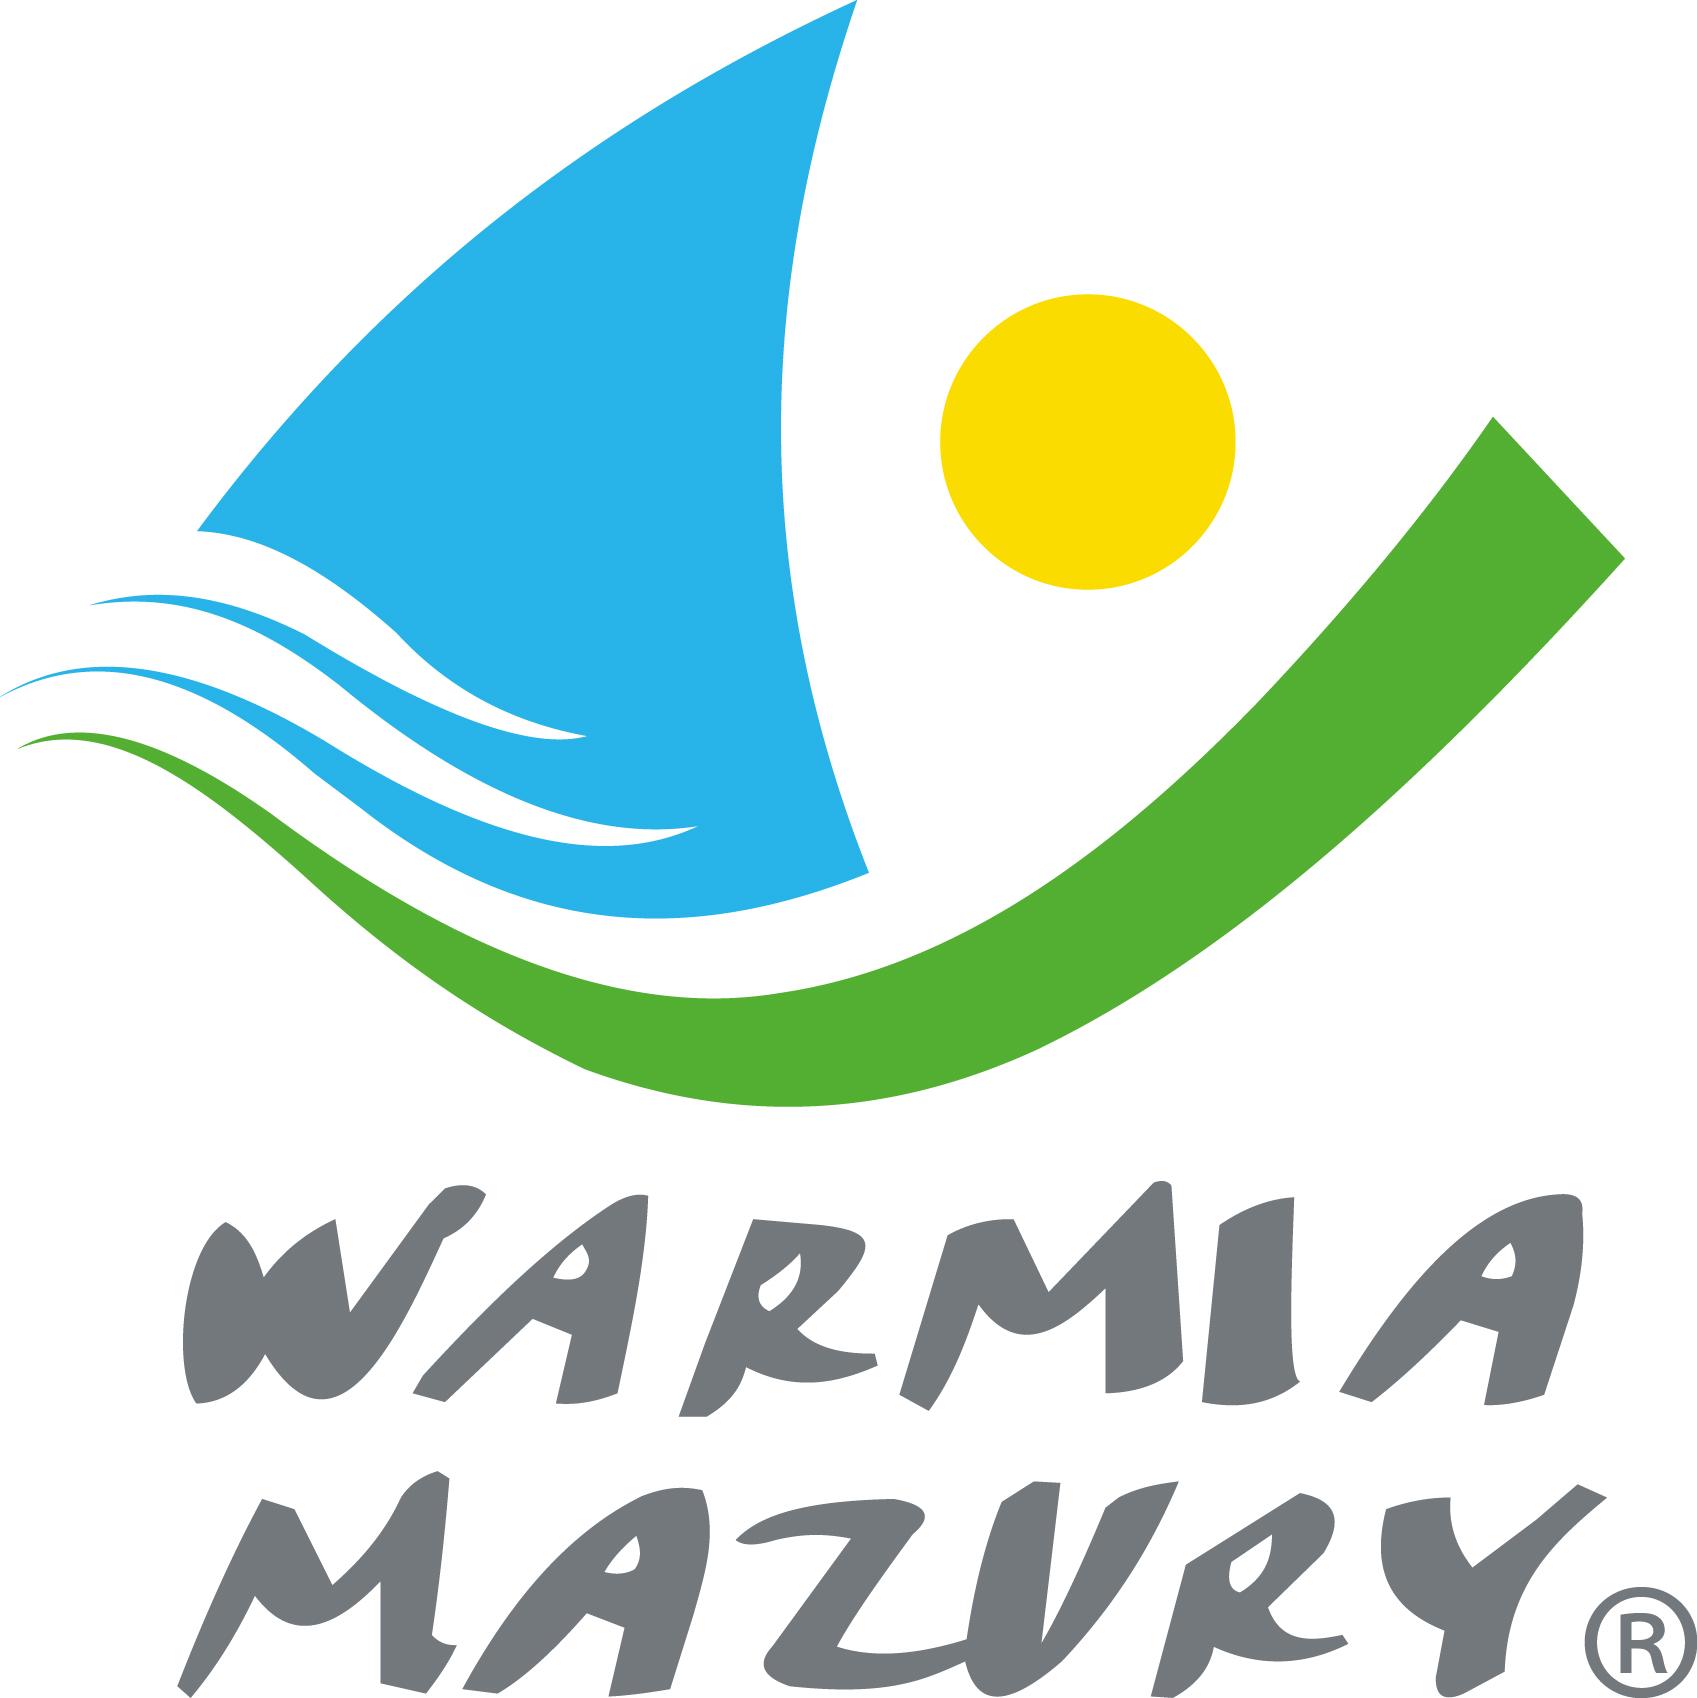 http://m.wm.pl/2020/06/orig/warmia-mazury-logo-rgb-633234.jpg